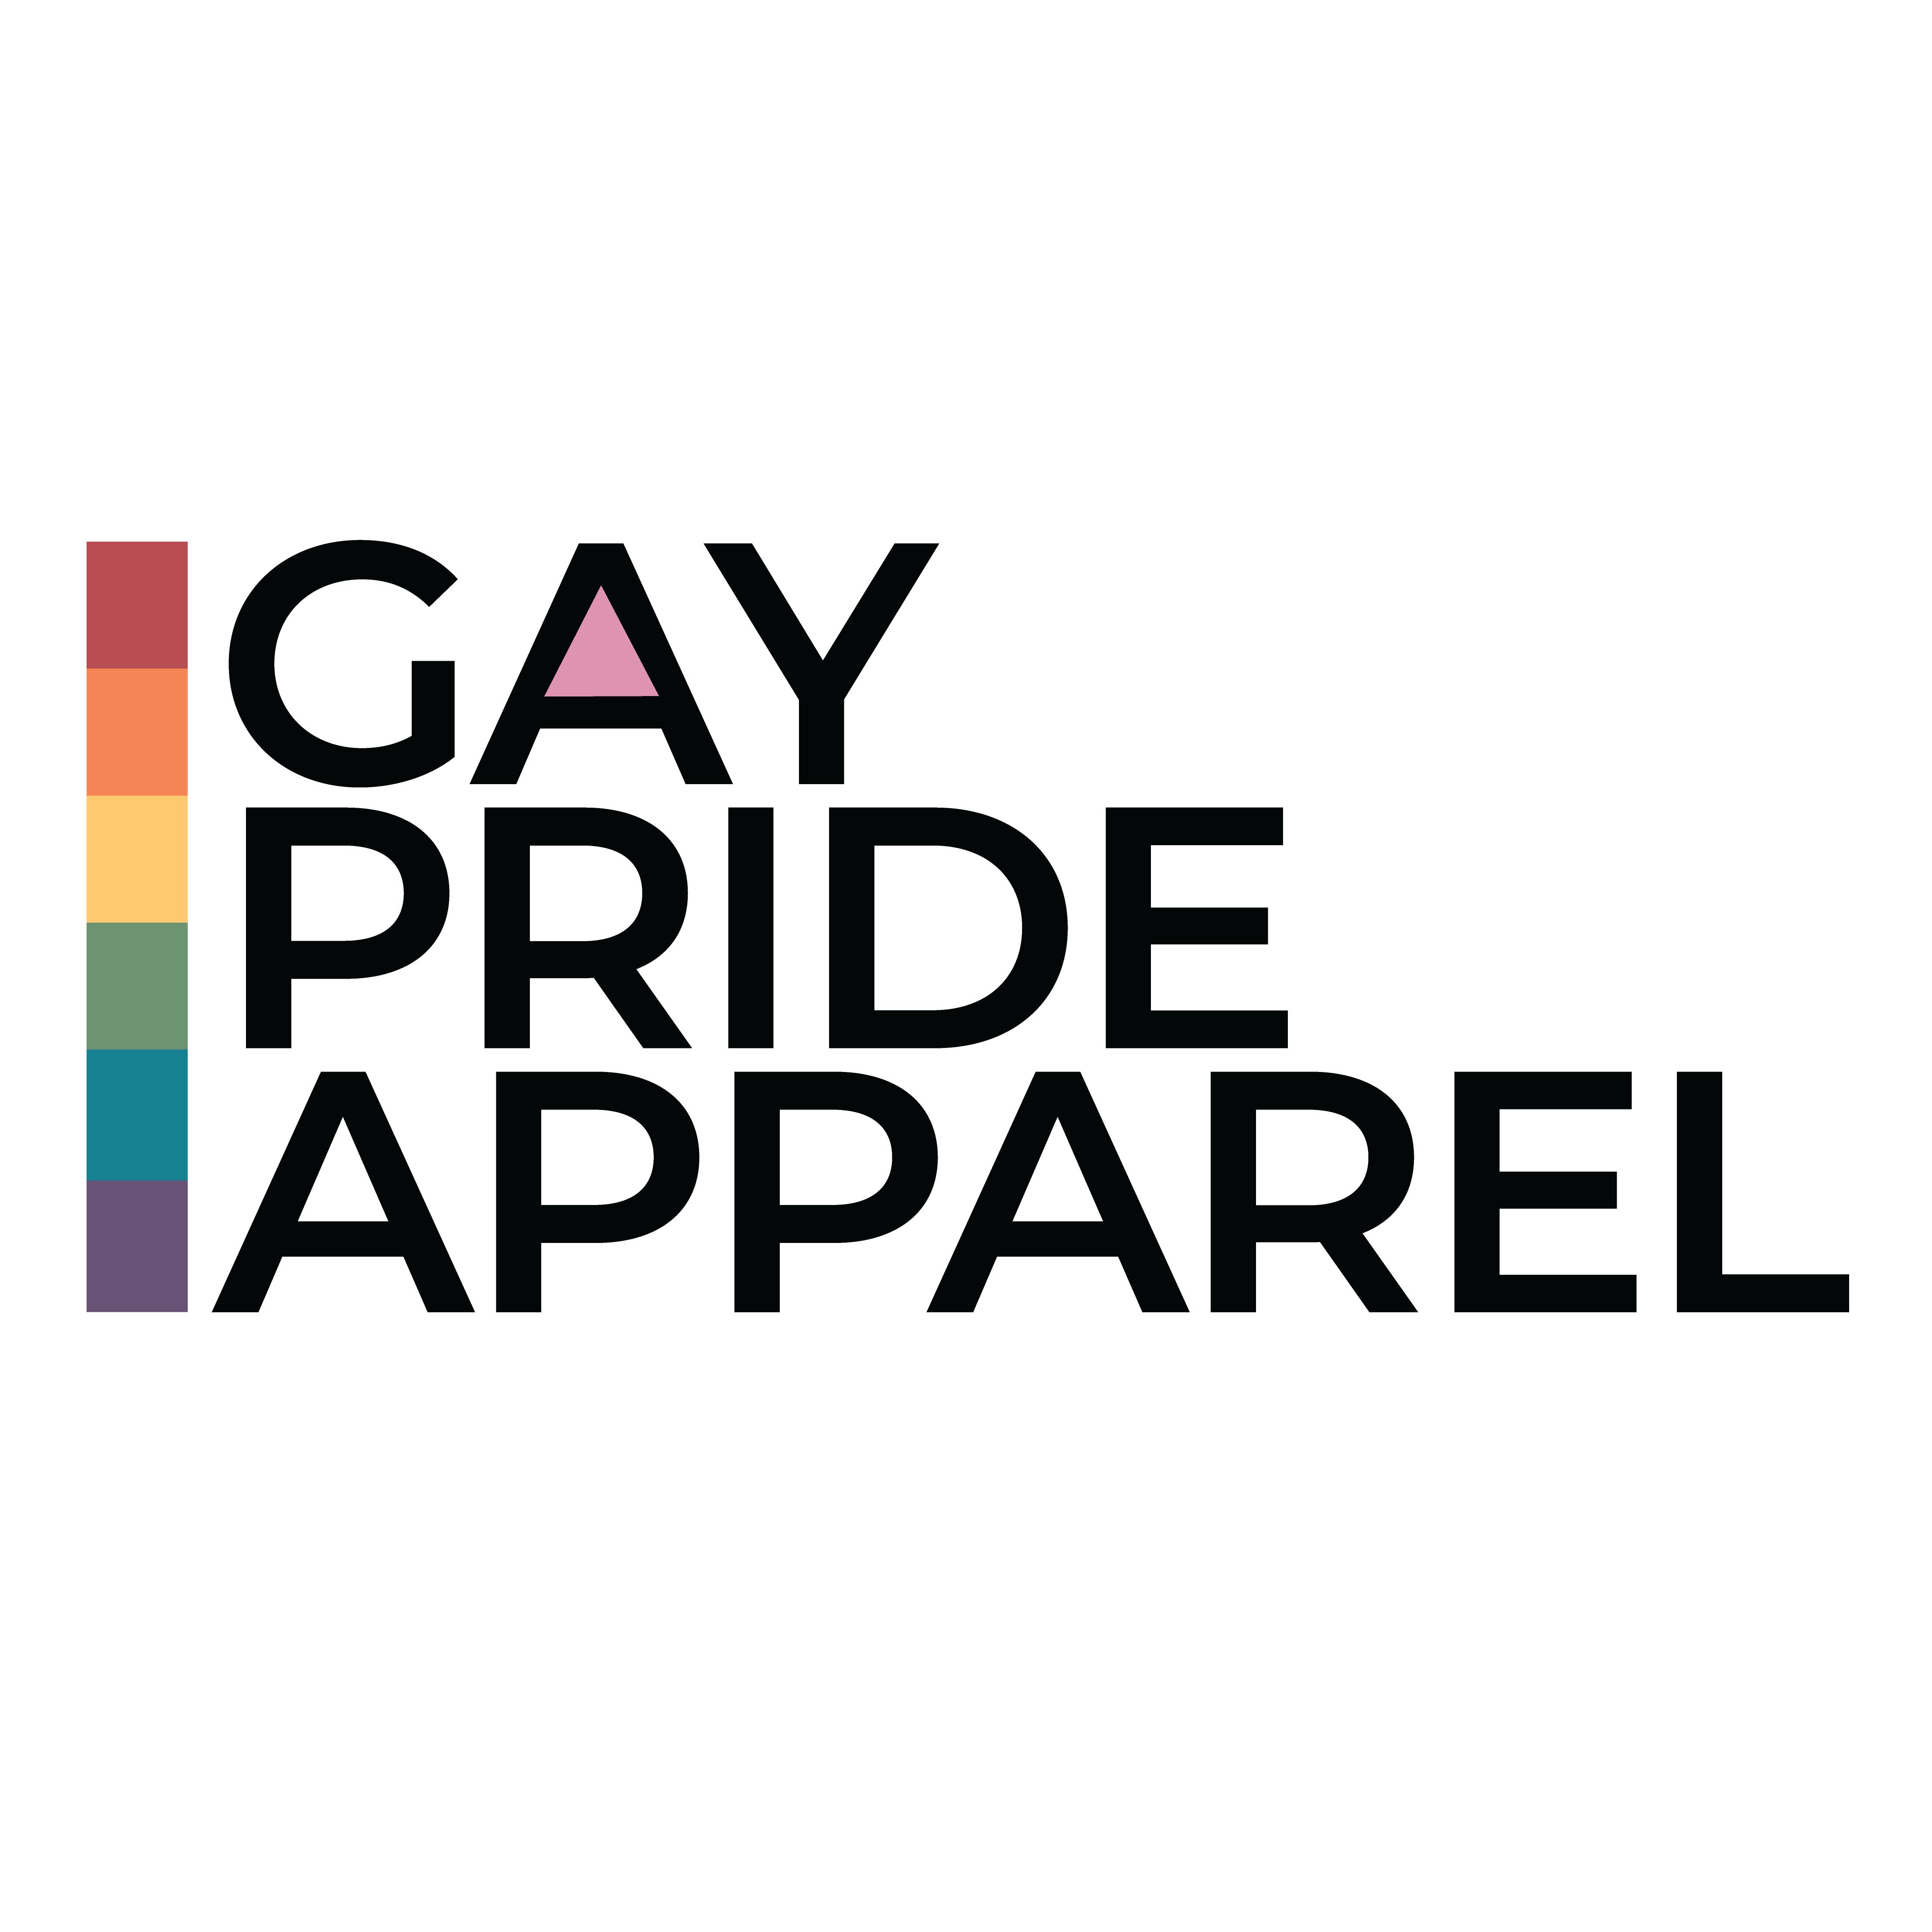 gayprideapparel.com